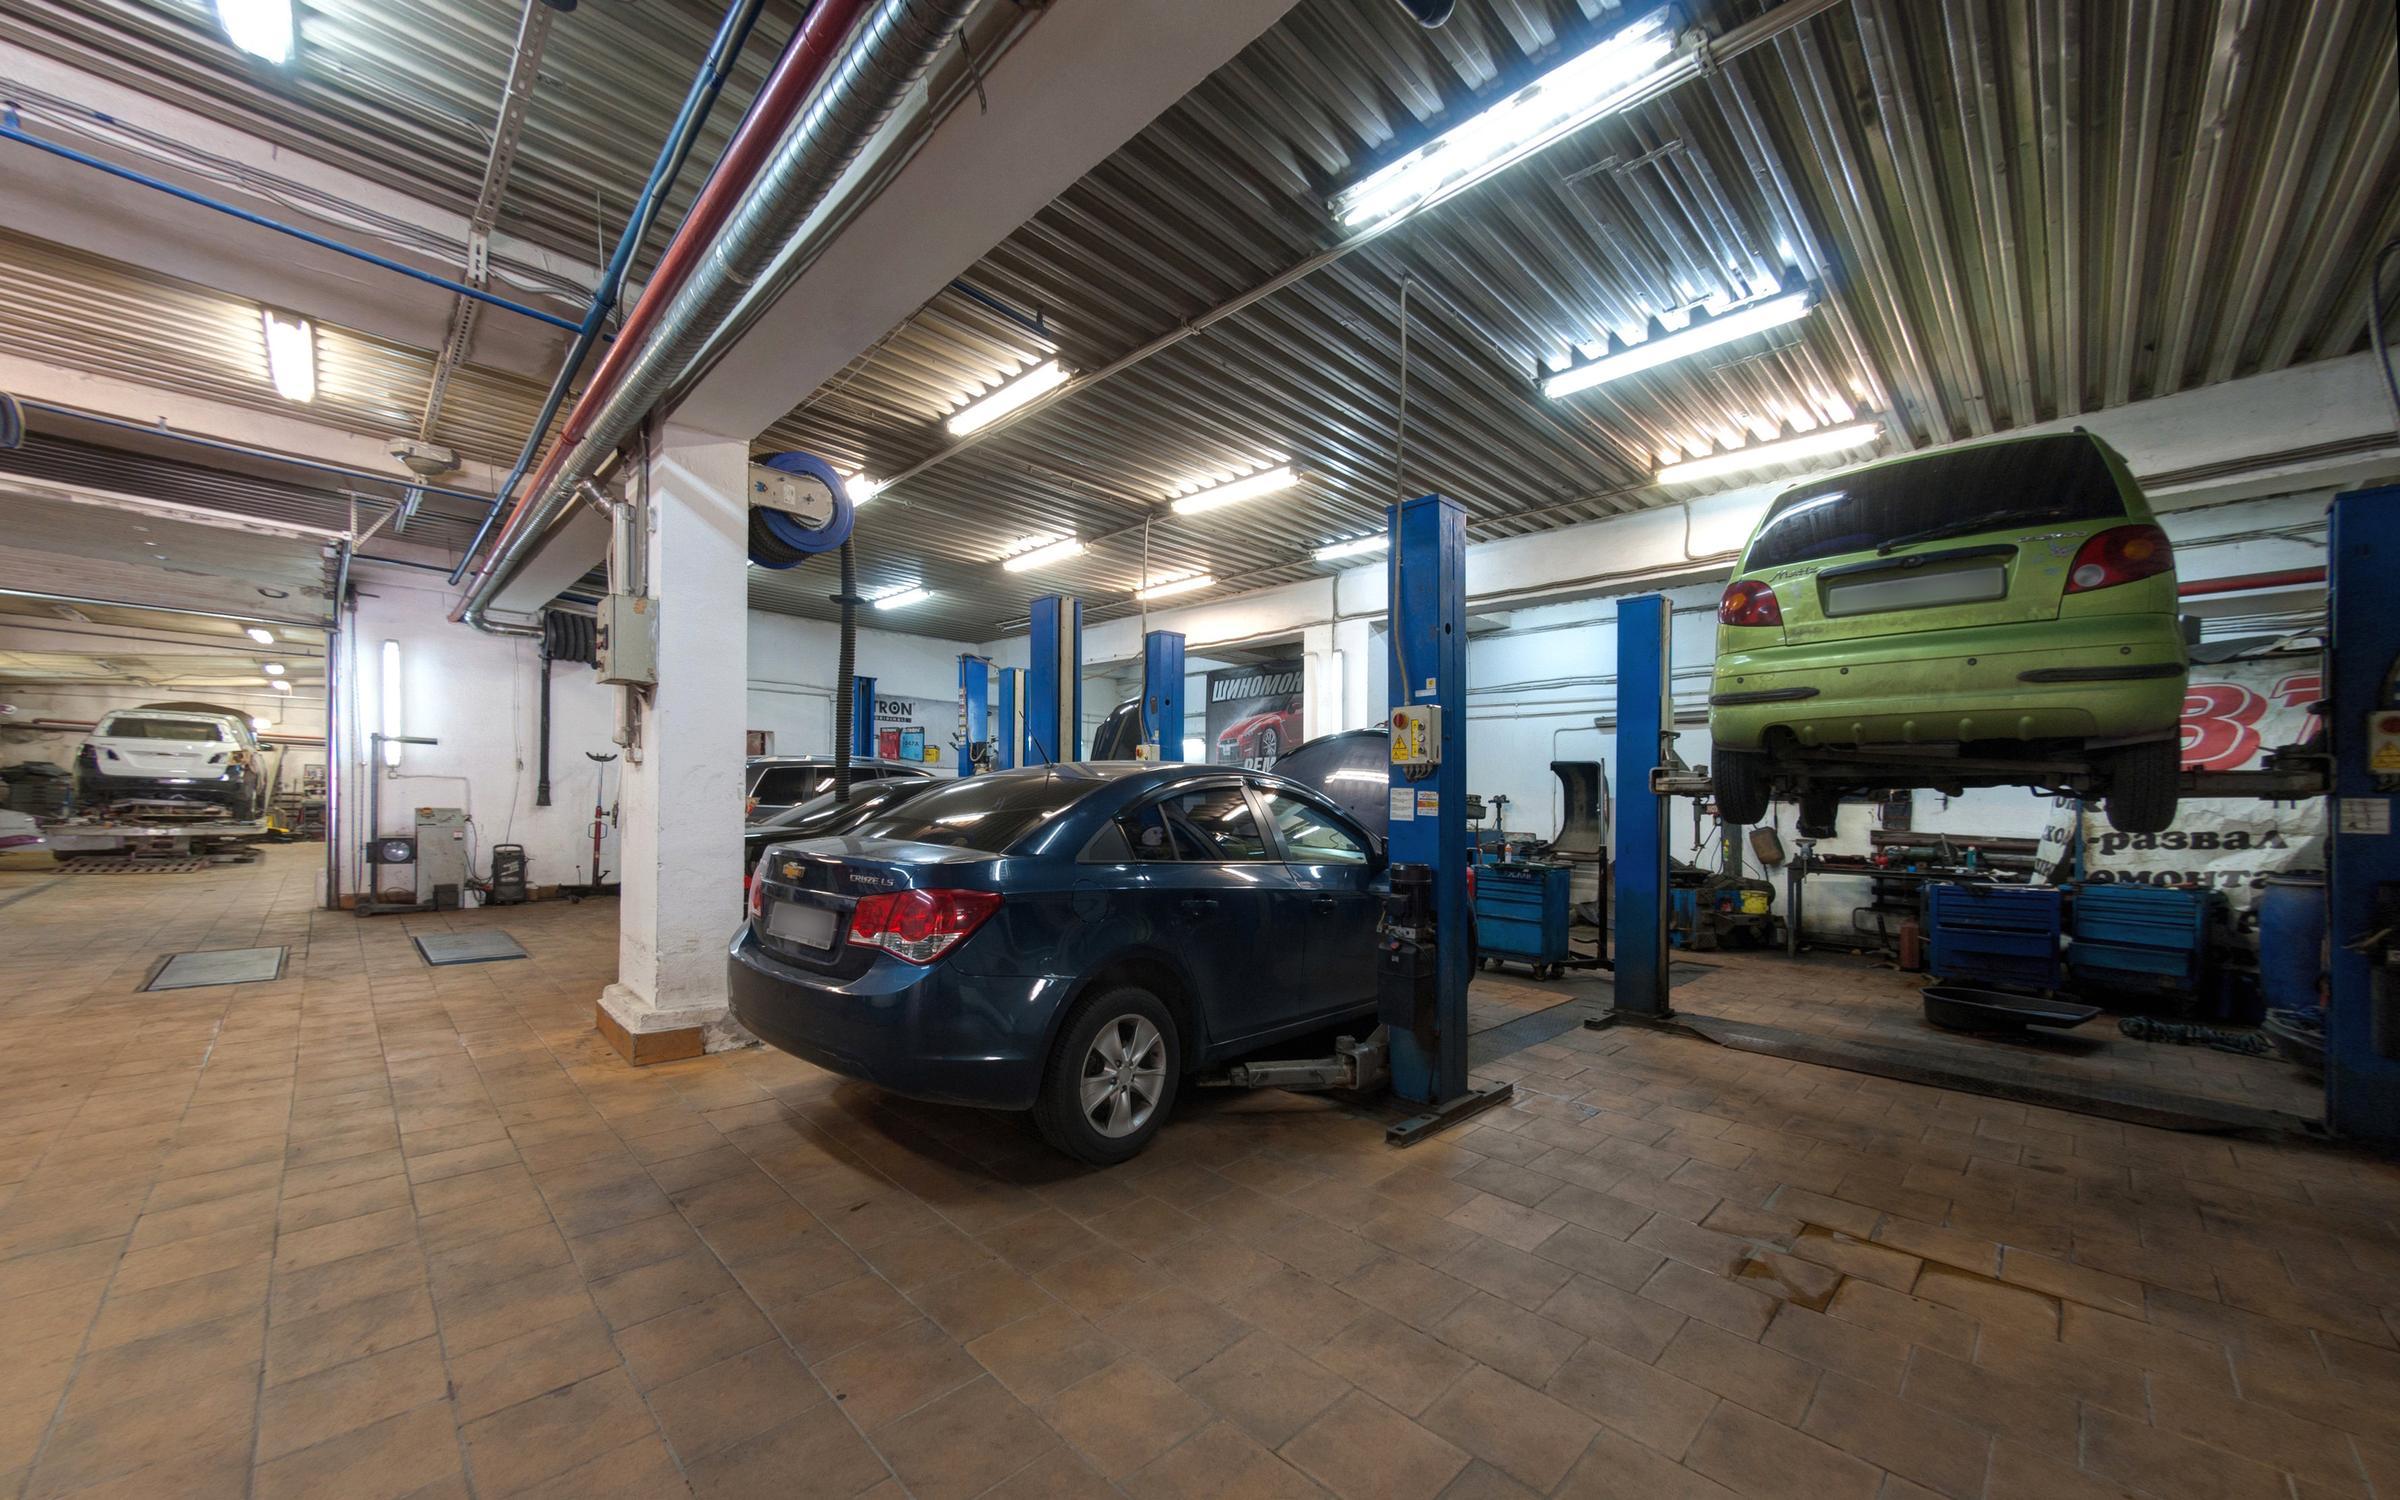 фотография Сервиса Стилберг-авто в Тушино